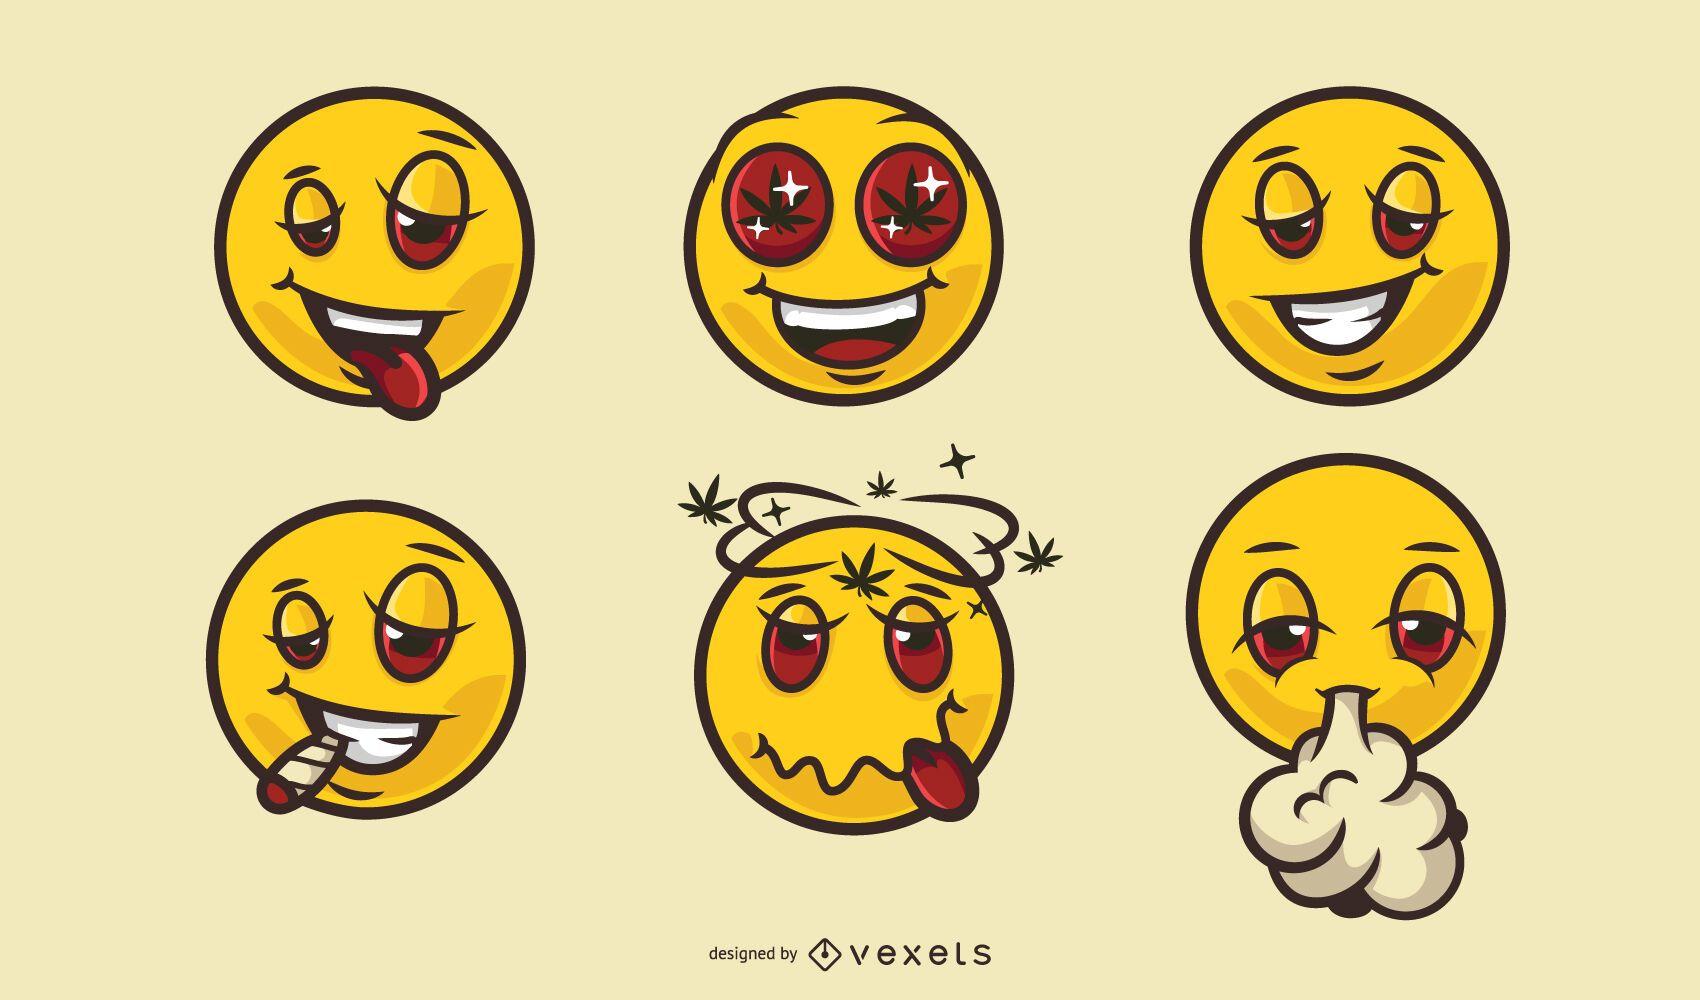 Conjunto de dibujos animados de cannabis de caras sonrientes divertidas